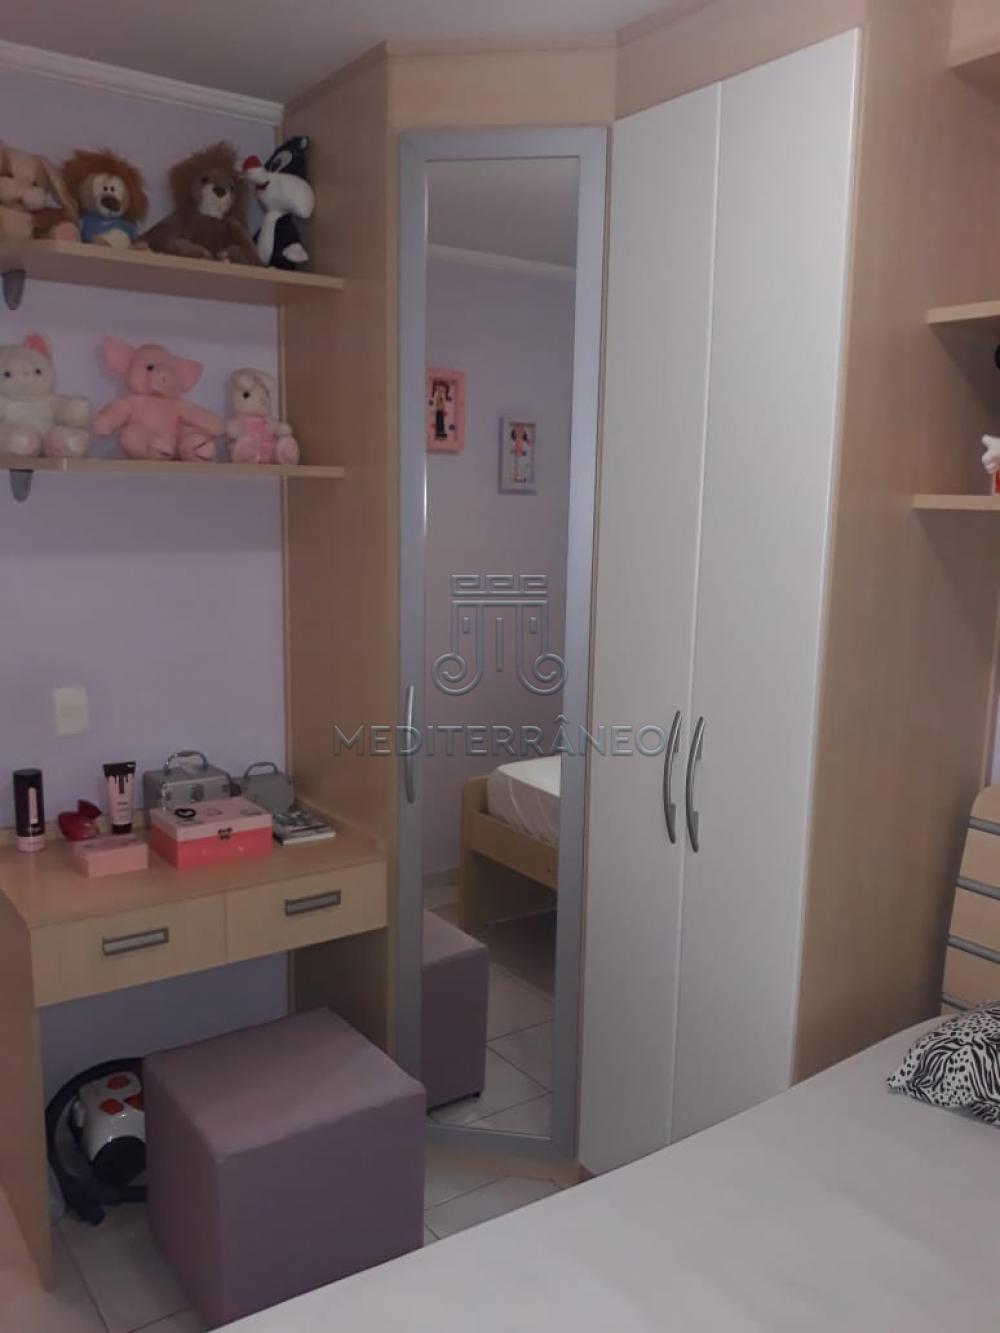 Comprar Apartamento / Padrão em Jundiaí apenas R$ 520.000,00 - Foto 10